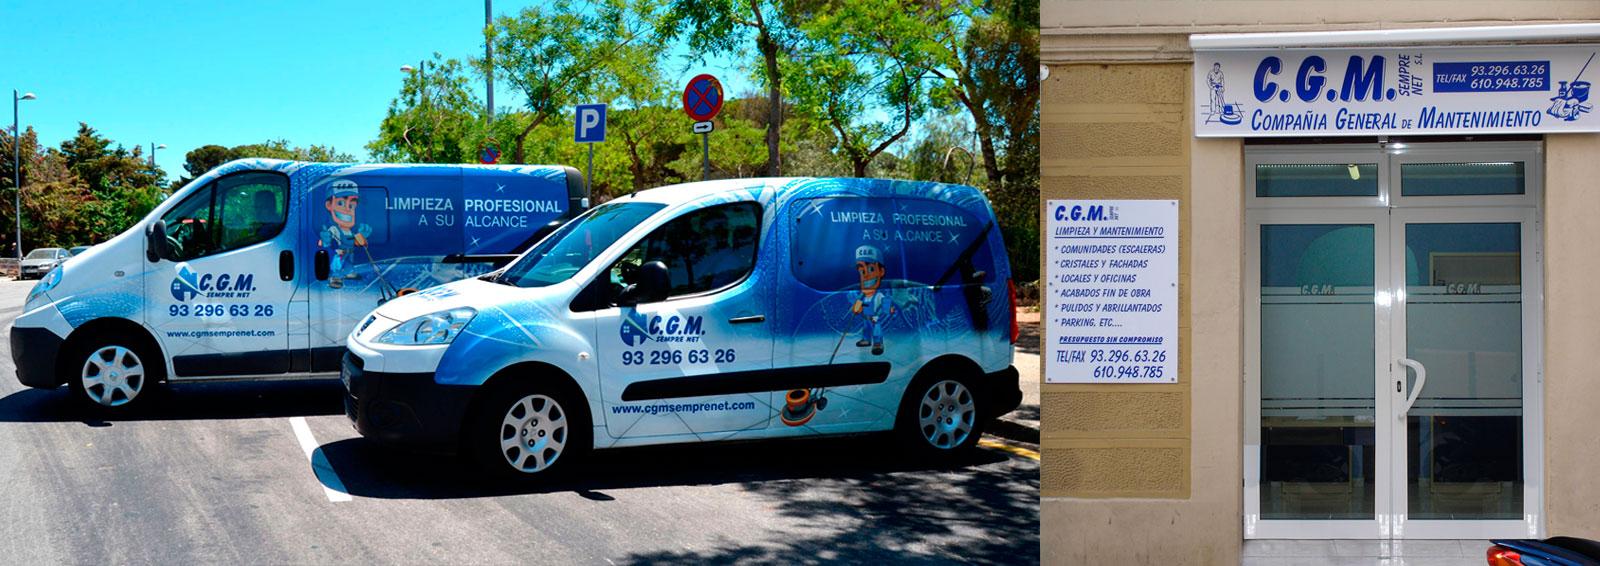 quines_somos_furgonetas_fachada